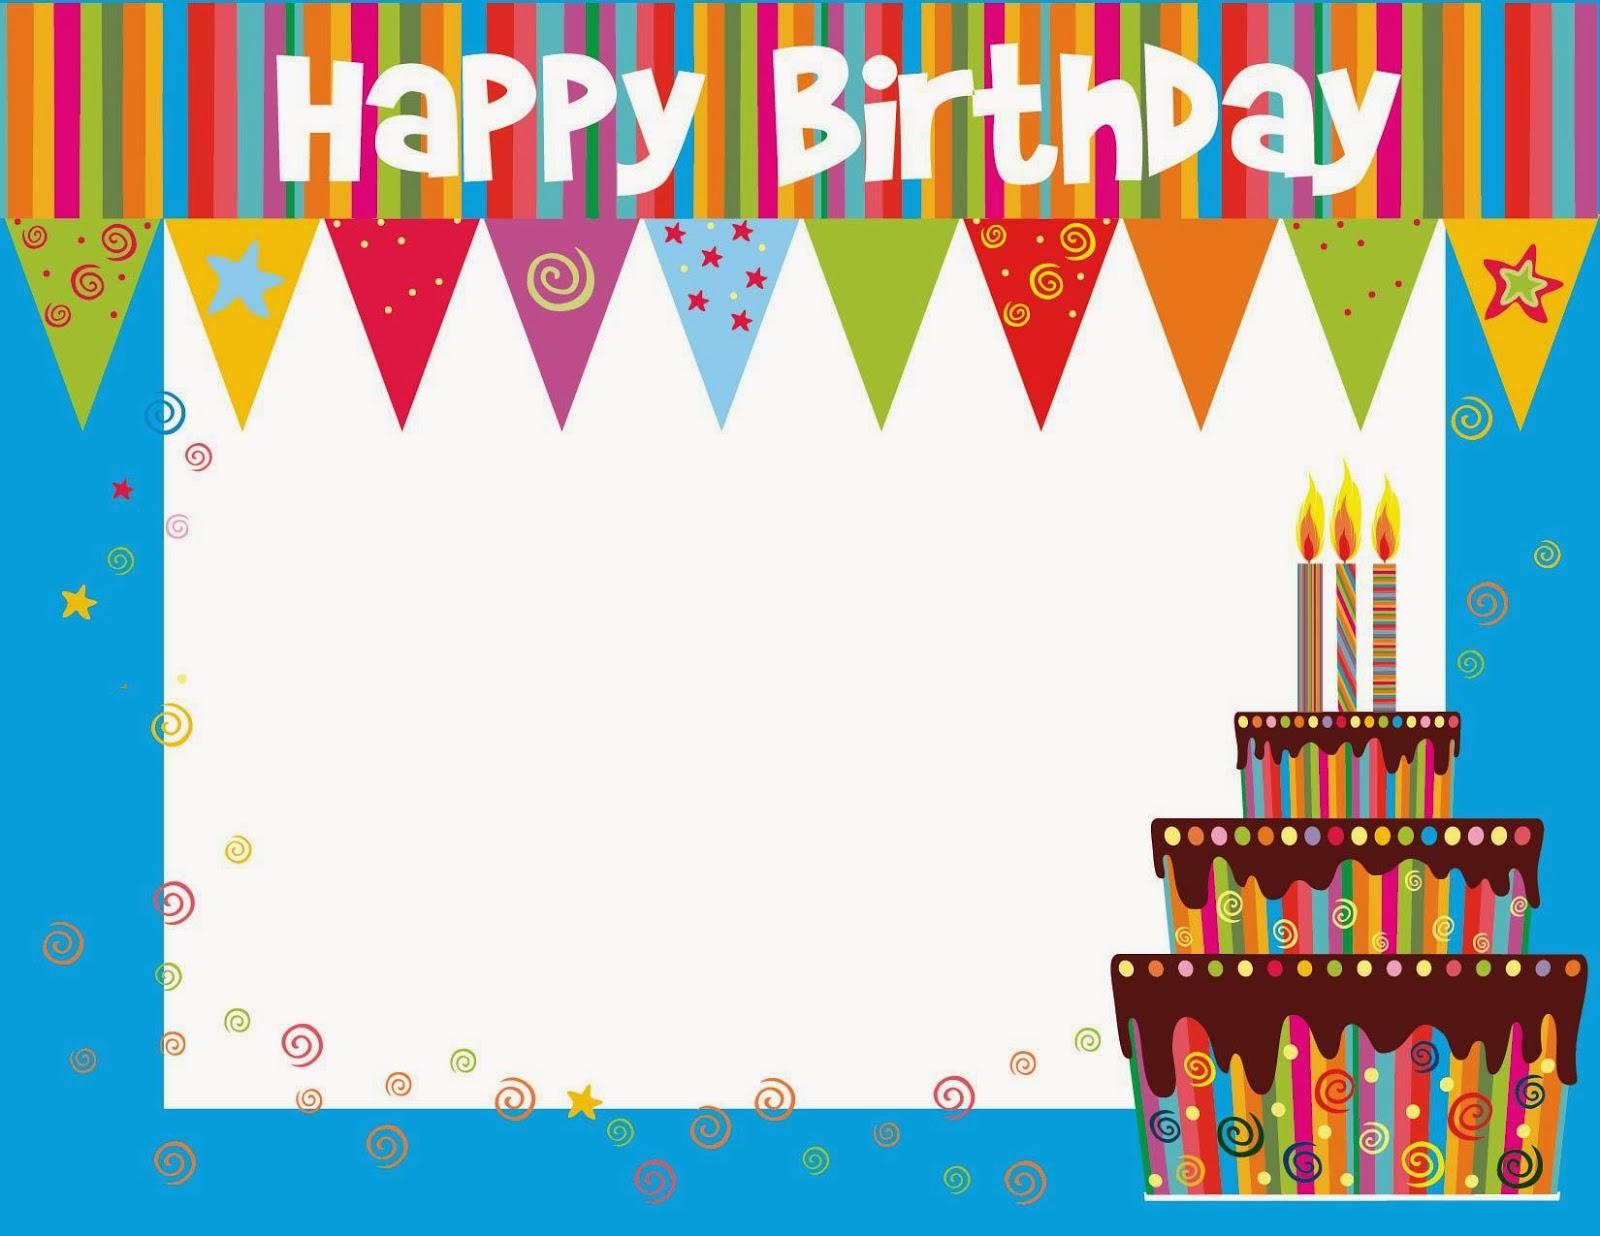 Free Printable Birthday Cards Ideas